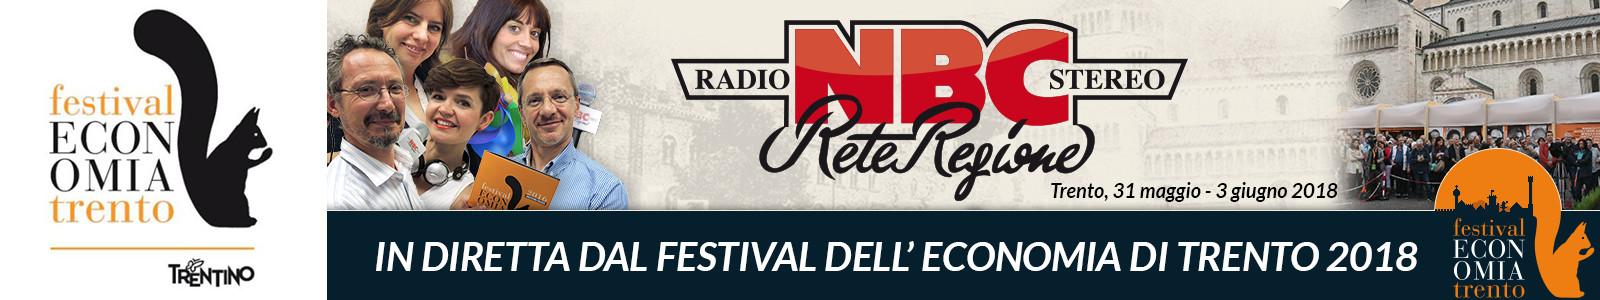 Festival dell' Economia Trento 2018